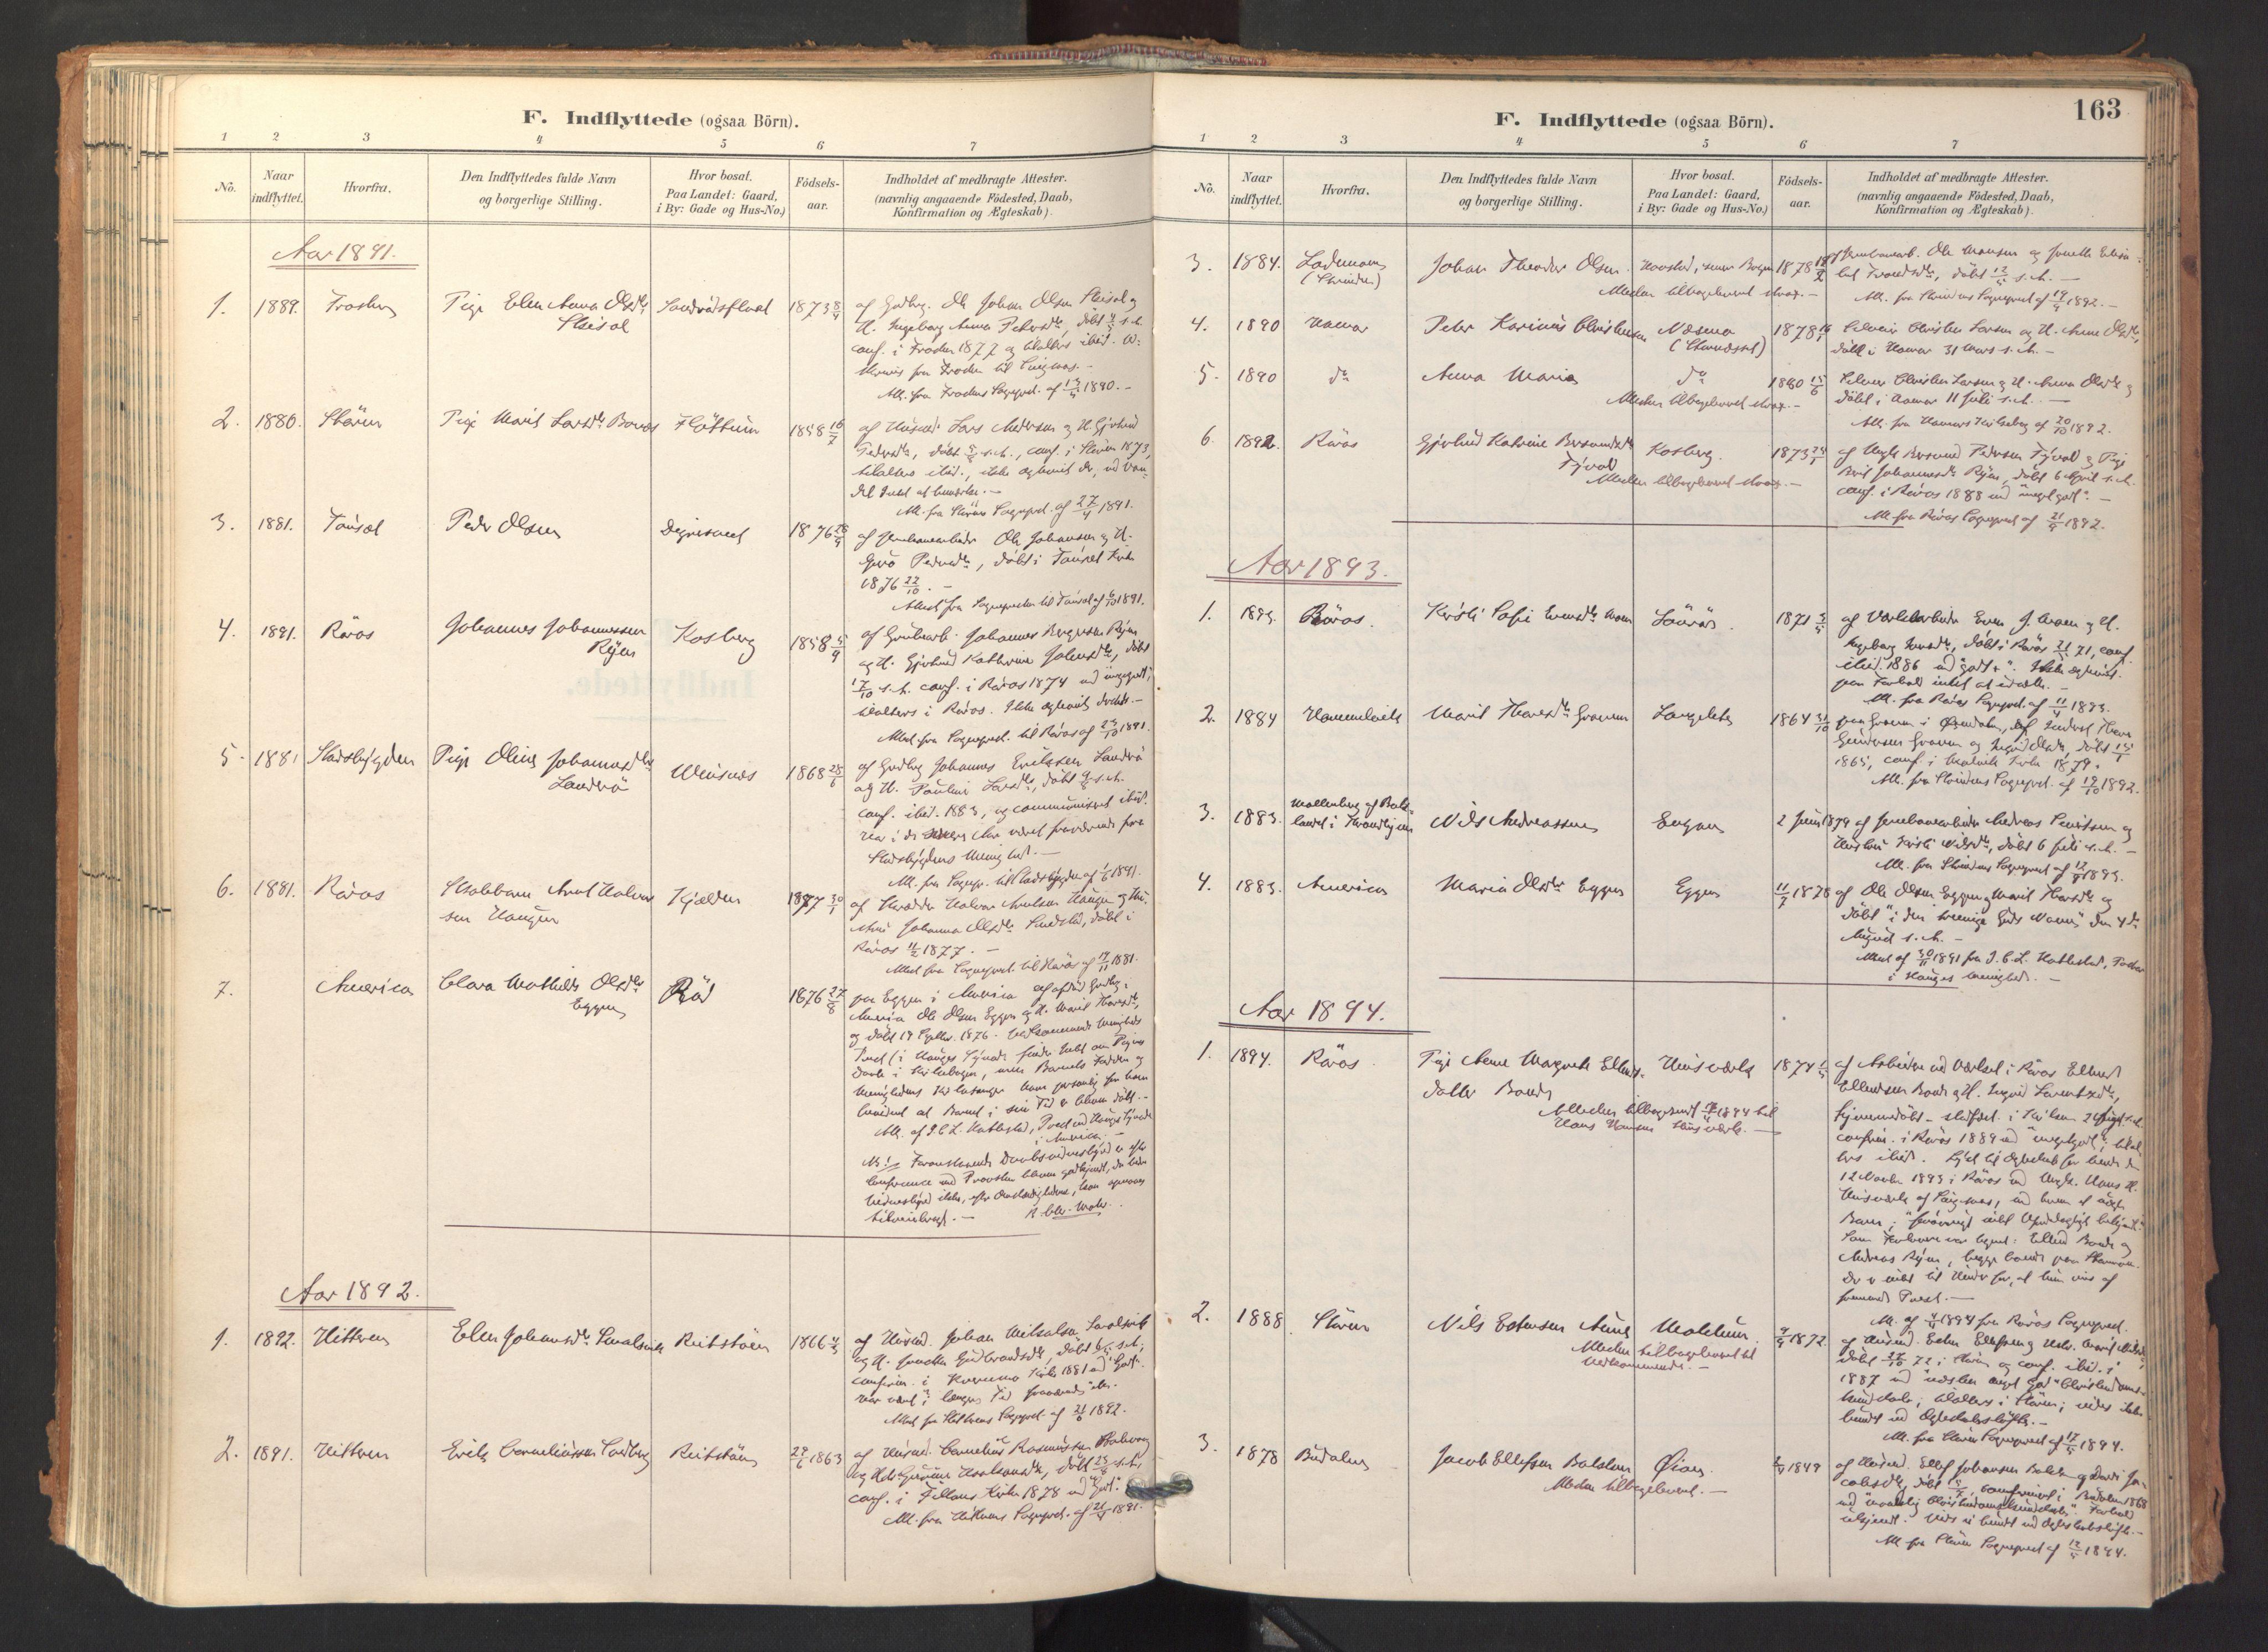 SAT, Ministerialprotokoller, klokkerbøker og fødselsregistre - Sør-Trøndelag, 688/L1025: Ministerialbok nr. 688A02, 1891-1909, s. 163